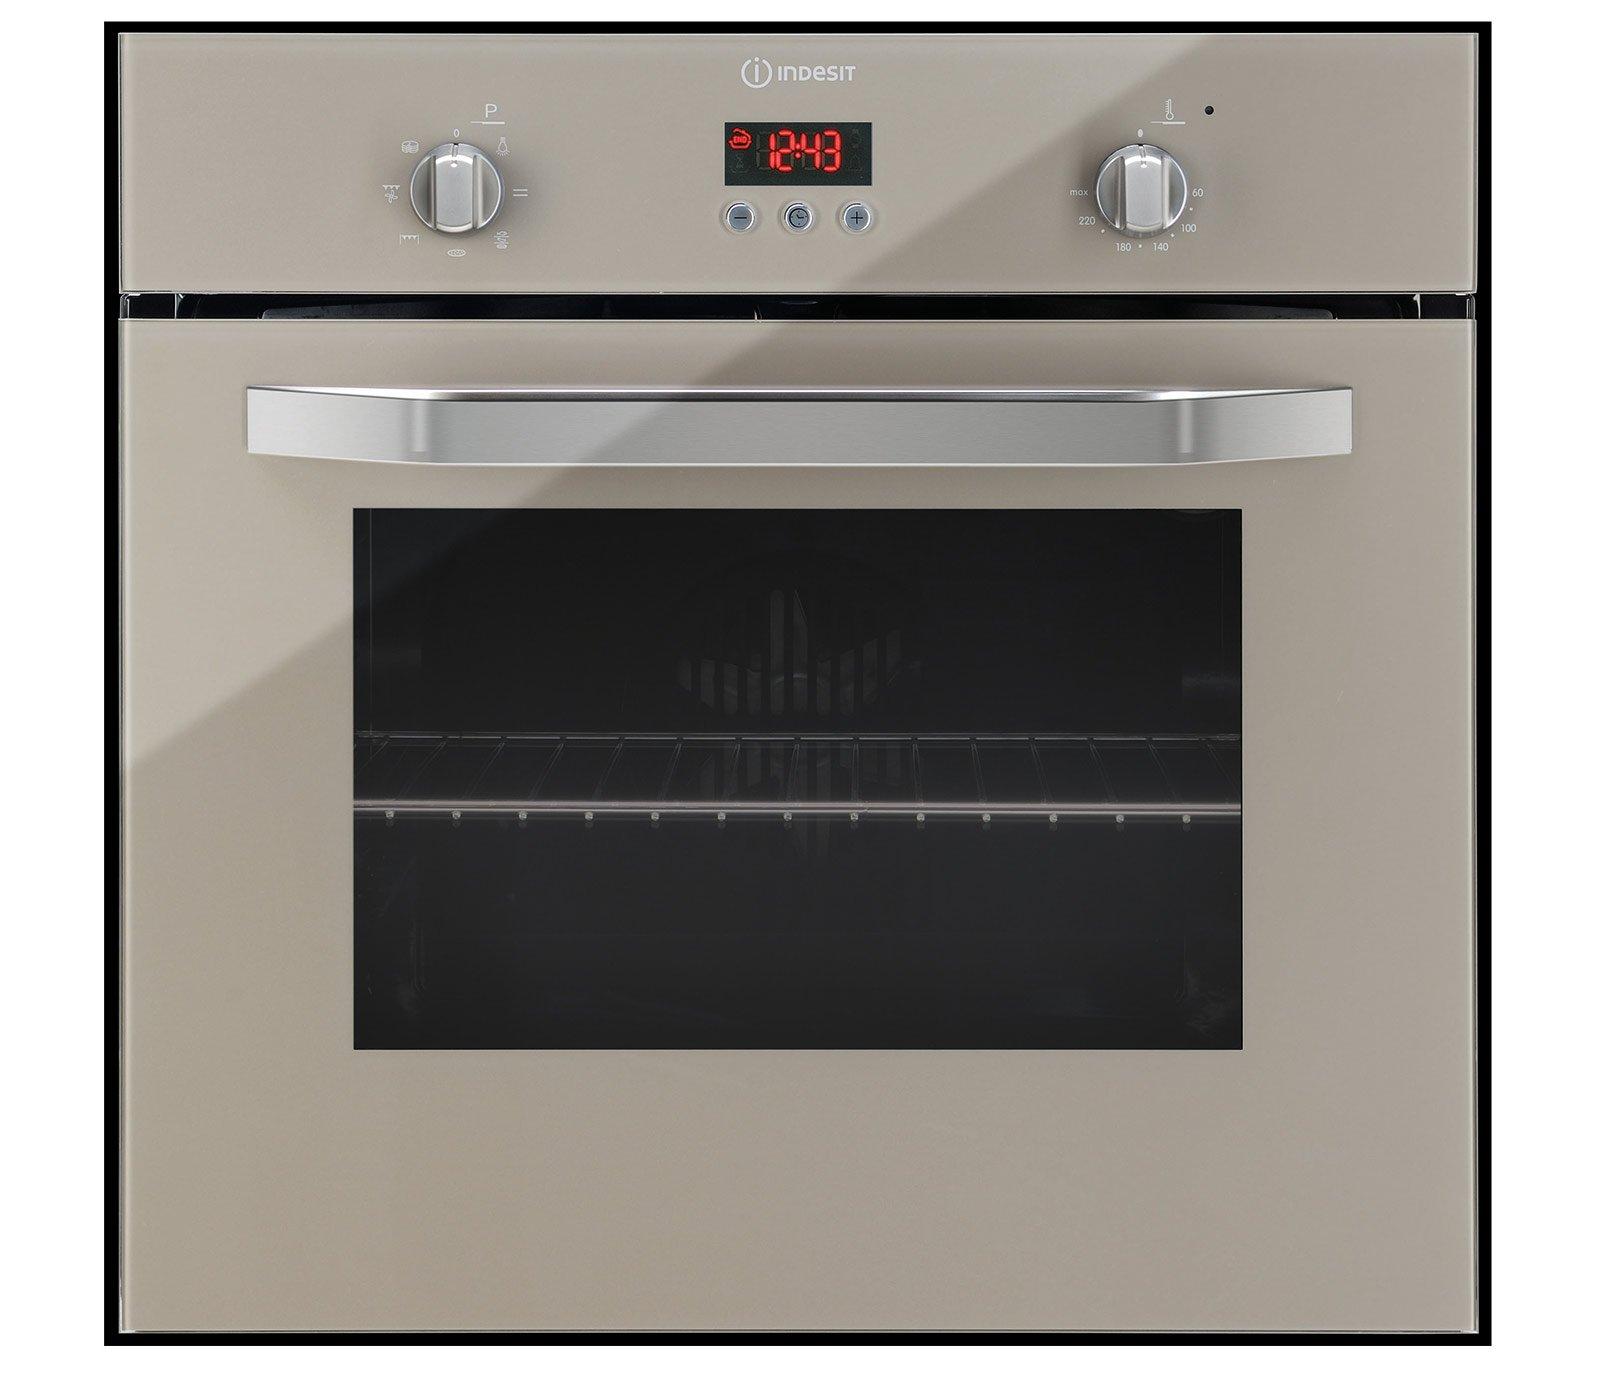 Piani cottura e forni novit presentate per il salone for Tempo cottura pizza forno ventilato